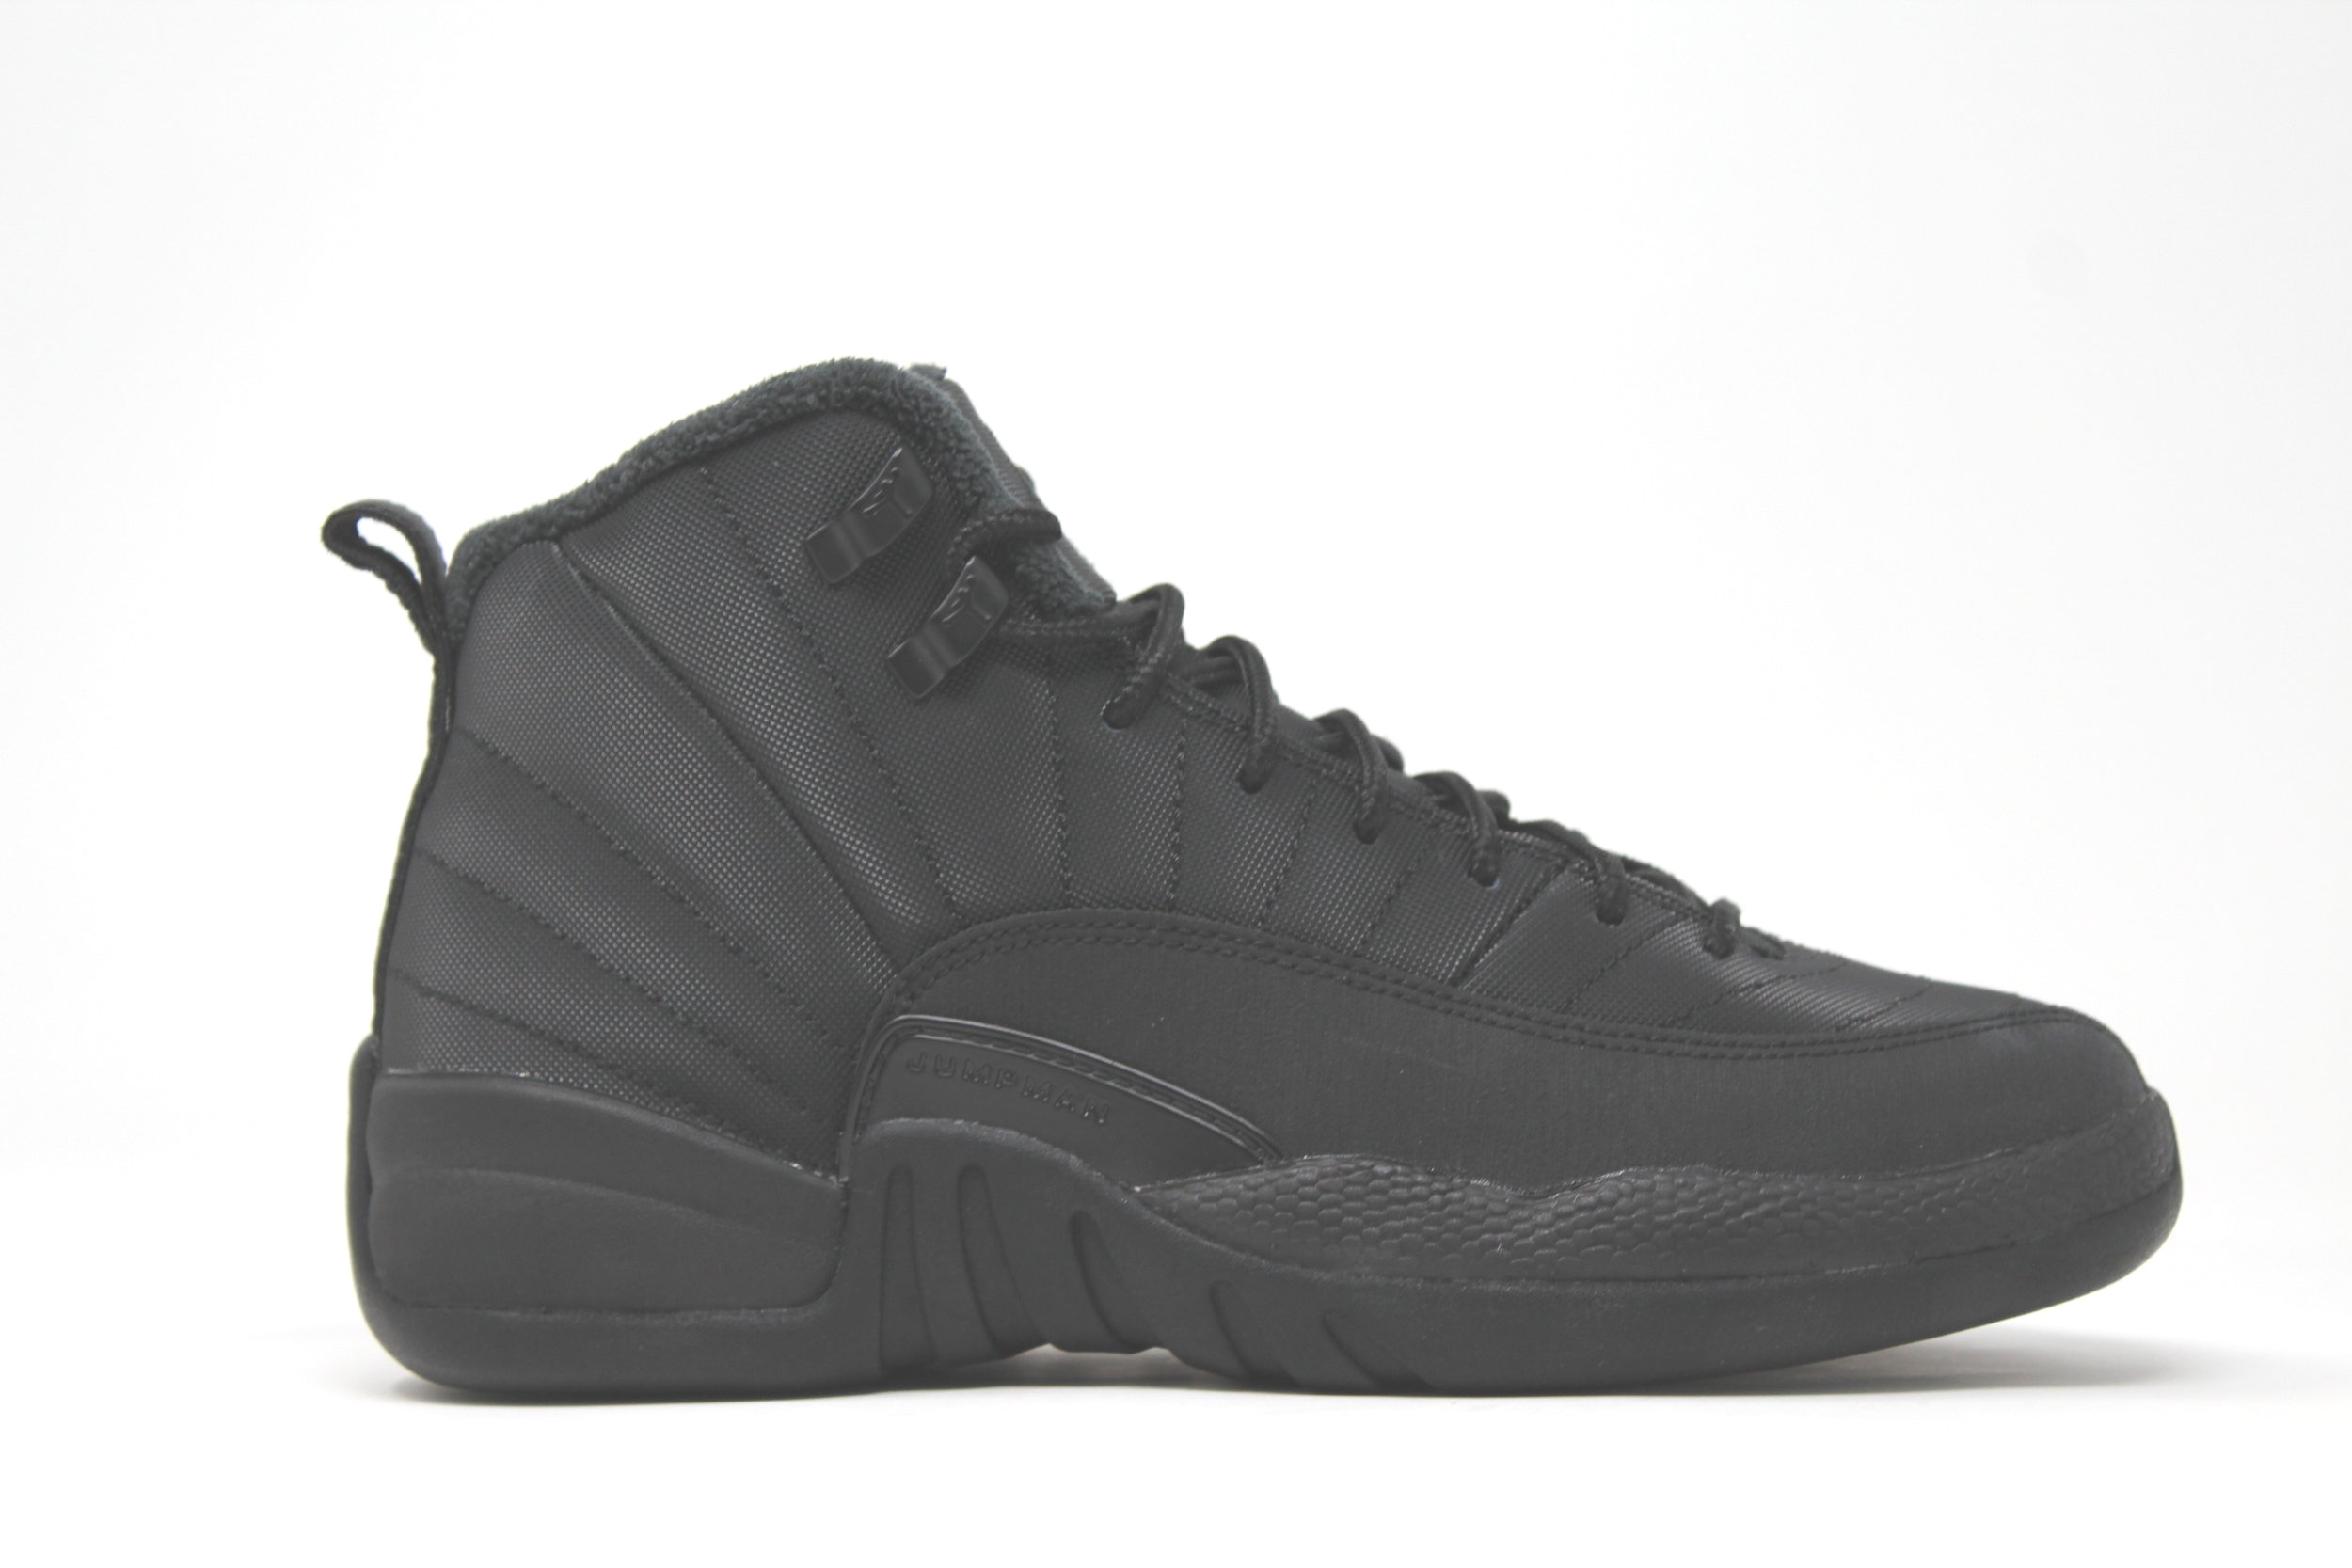 official photos 7b454 0bd88 Jordan 12 Retro GS Winter Black